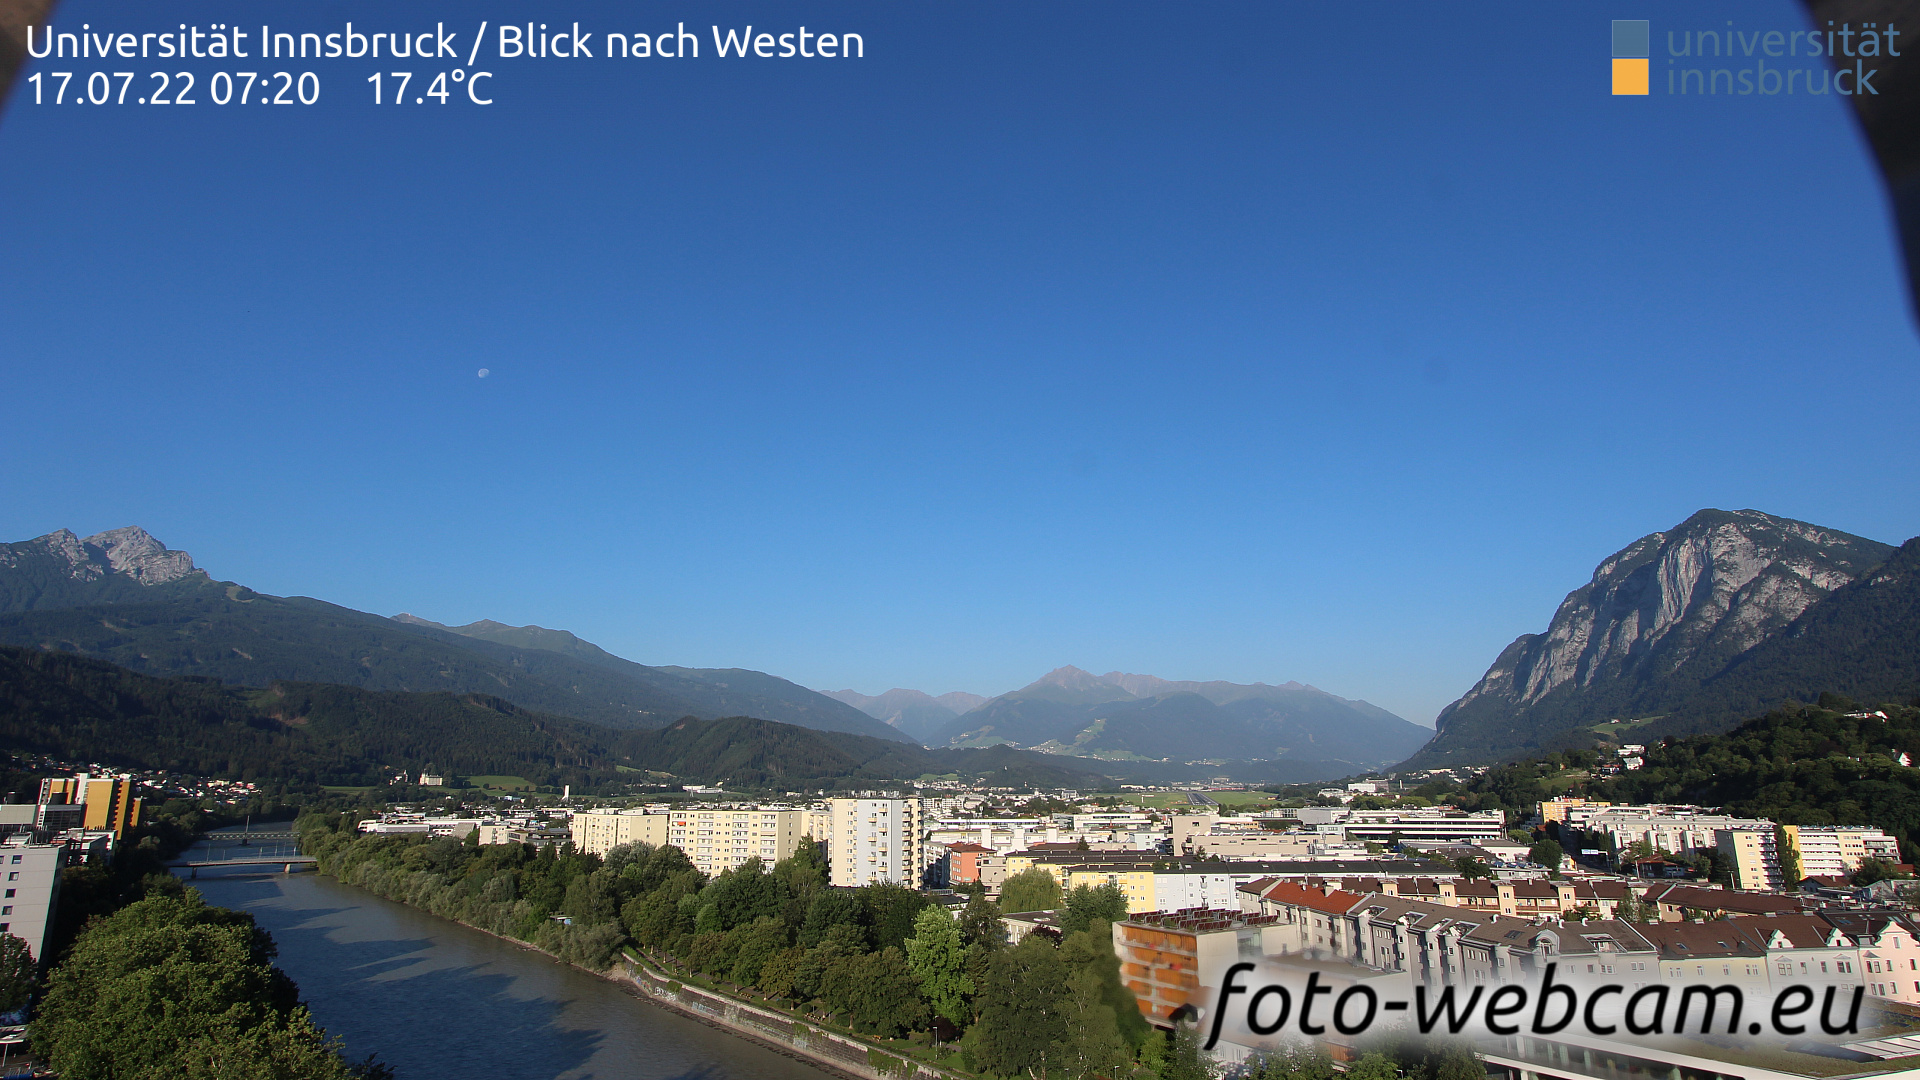 Innsbruck Mon. 07:25